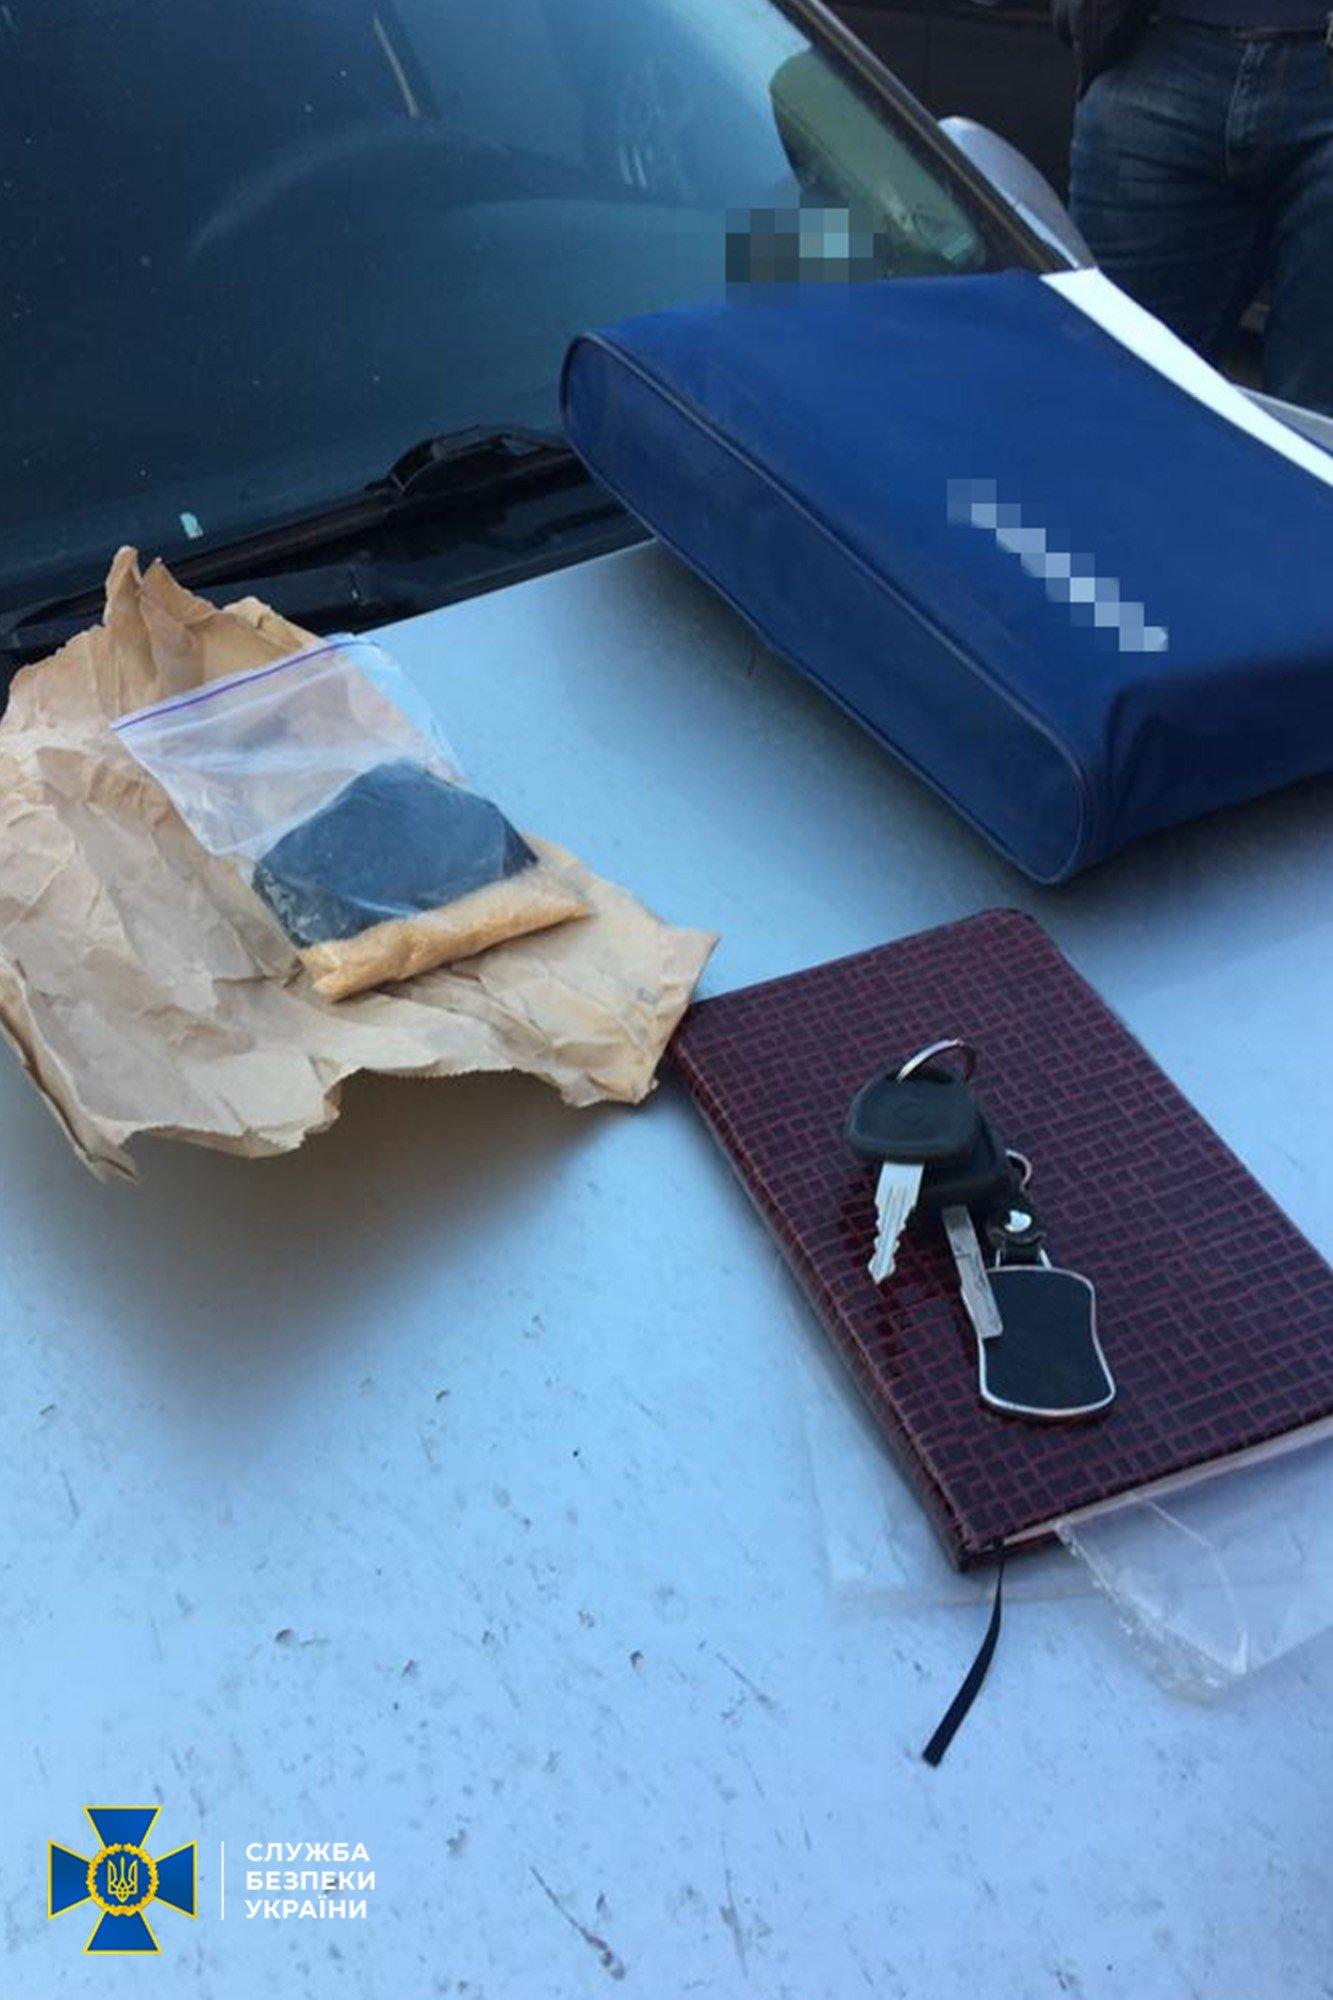 На Днепропетровщине полицейские распространяли наркотики, а потом шантажировали клиентов, фото-2